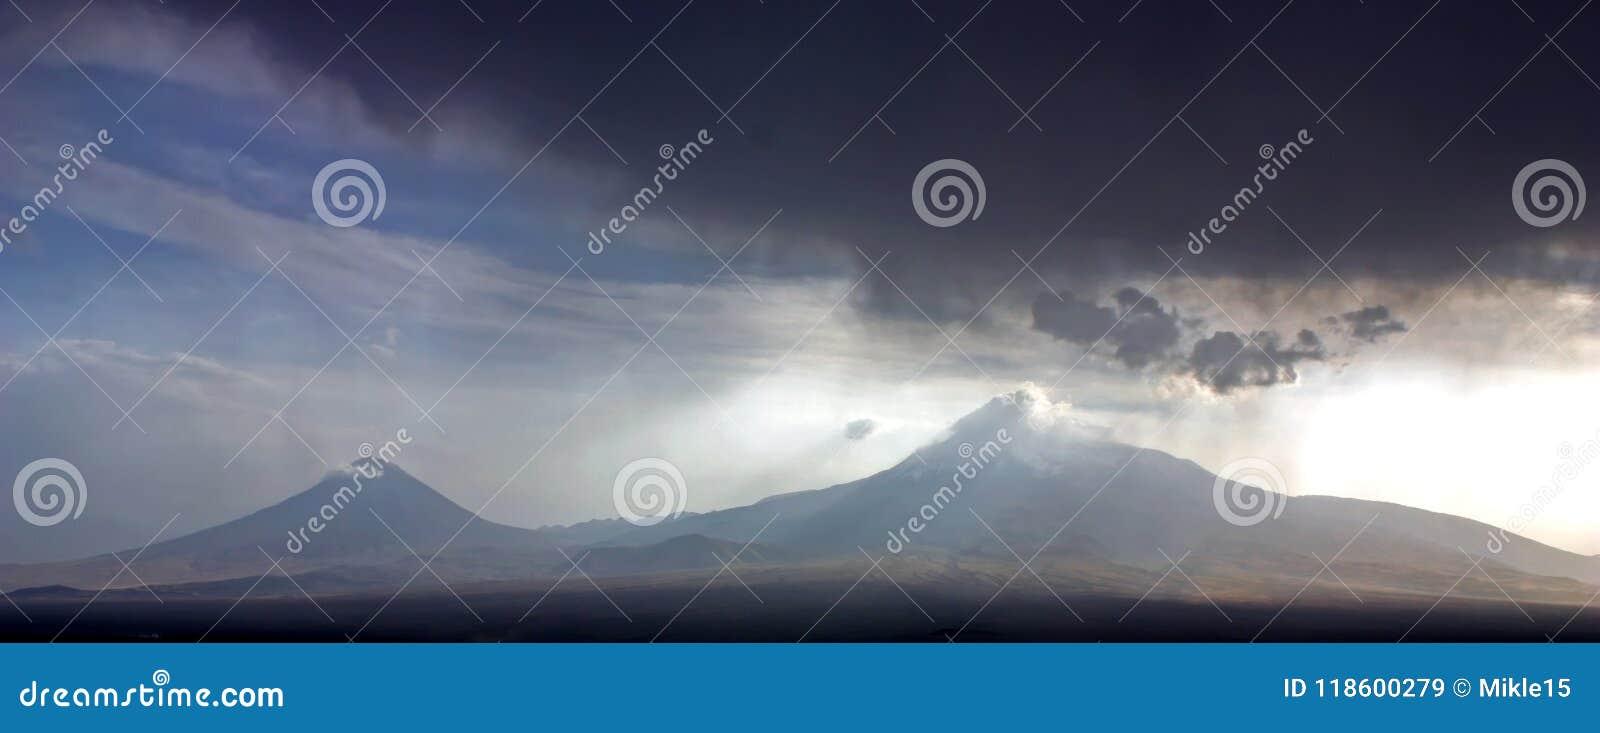 A beautiful view of Mountain Ararat.